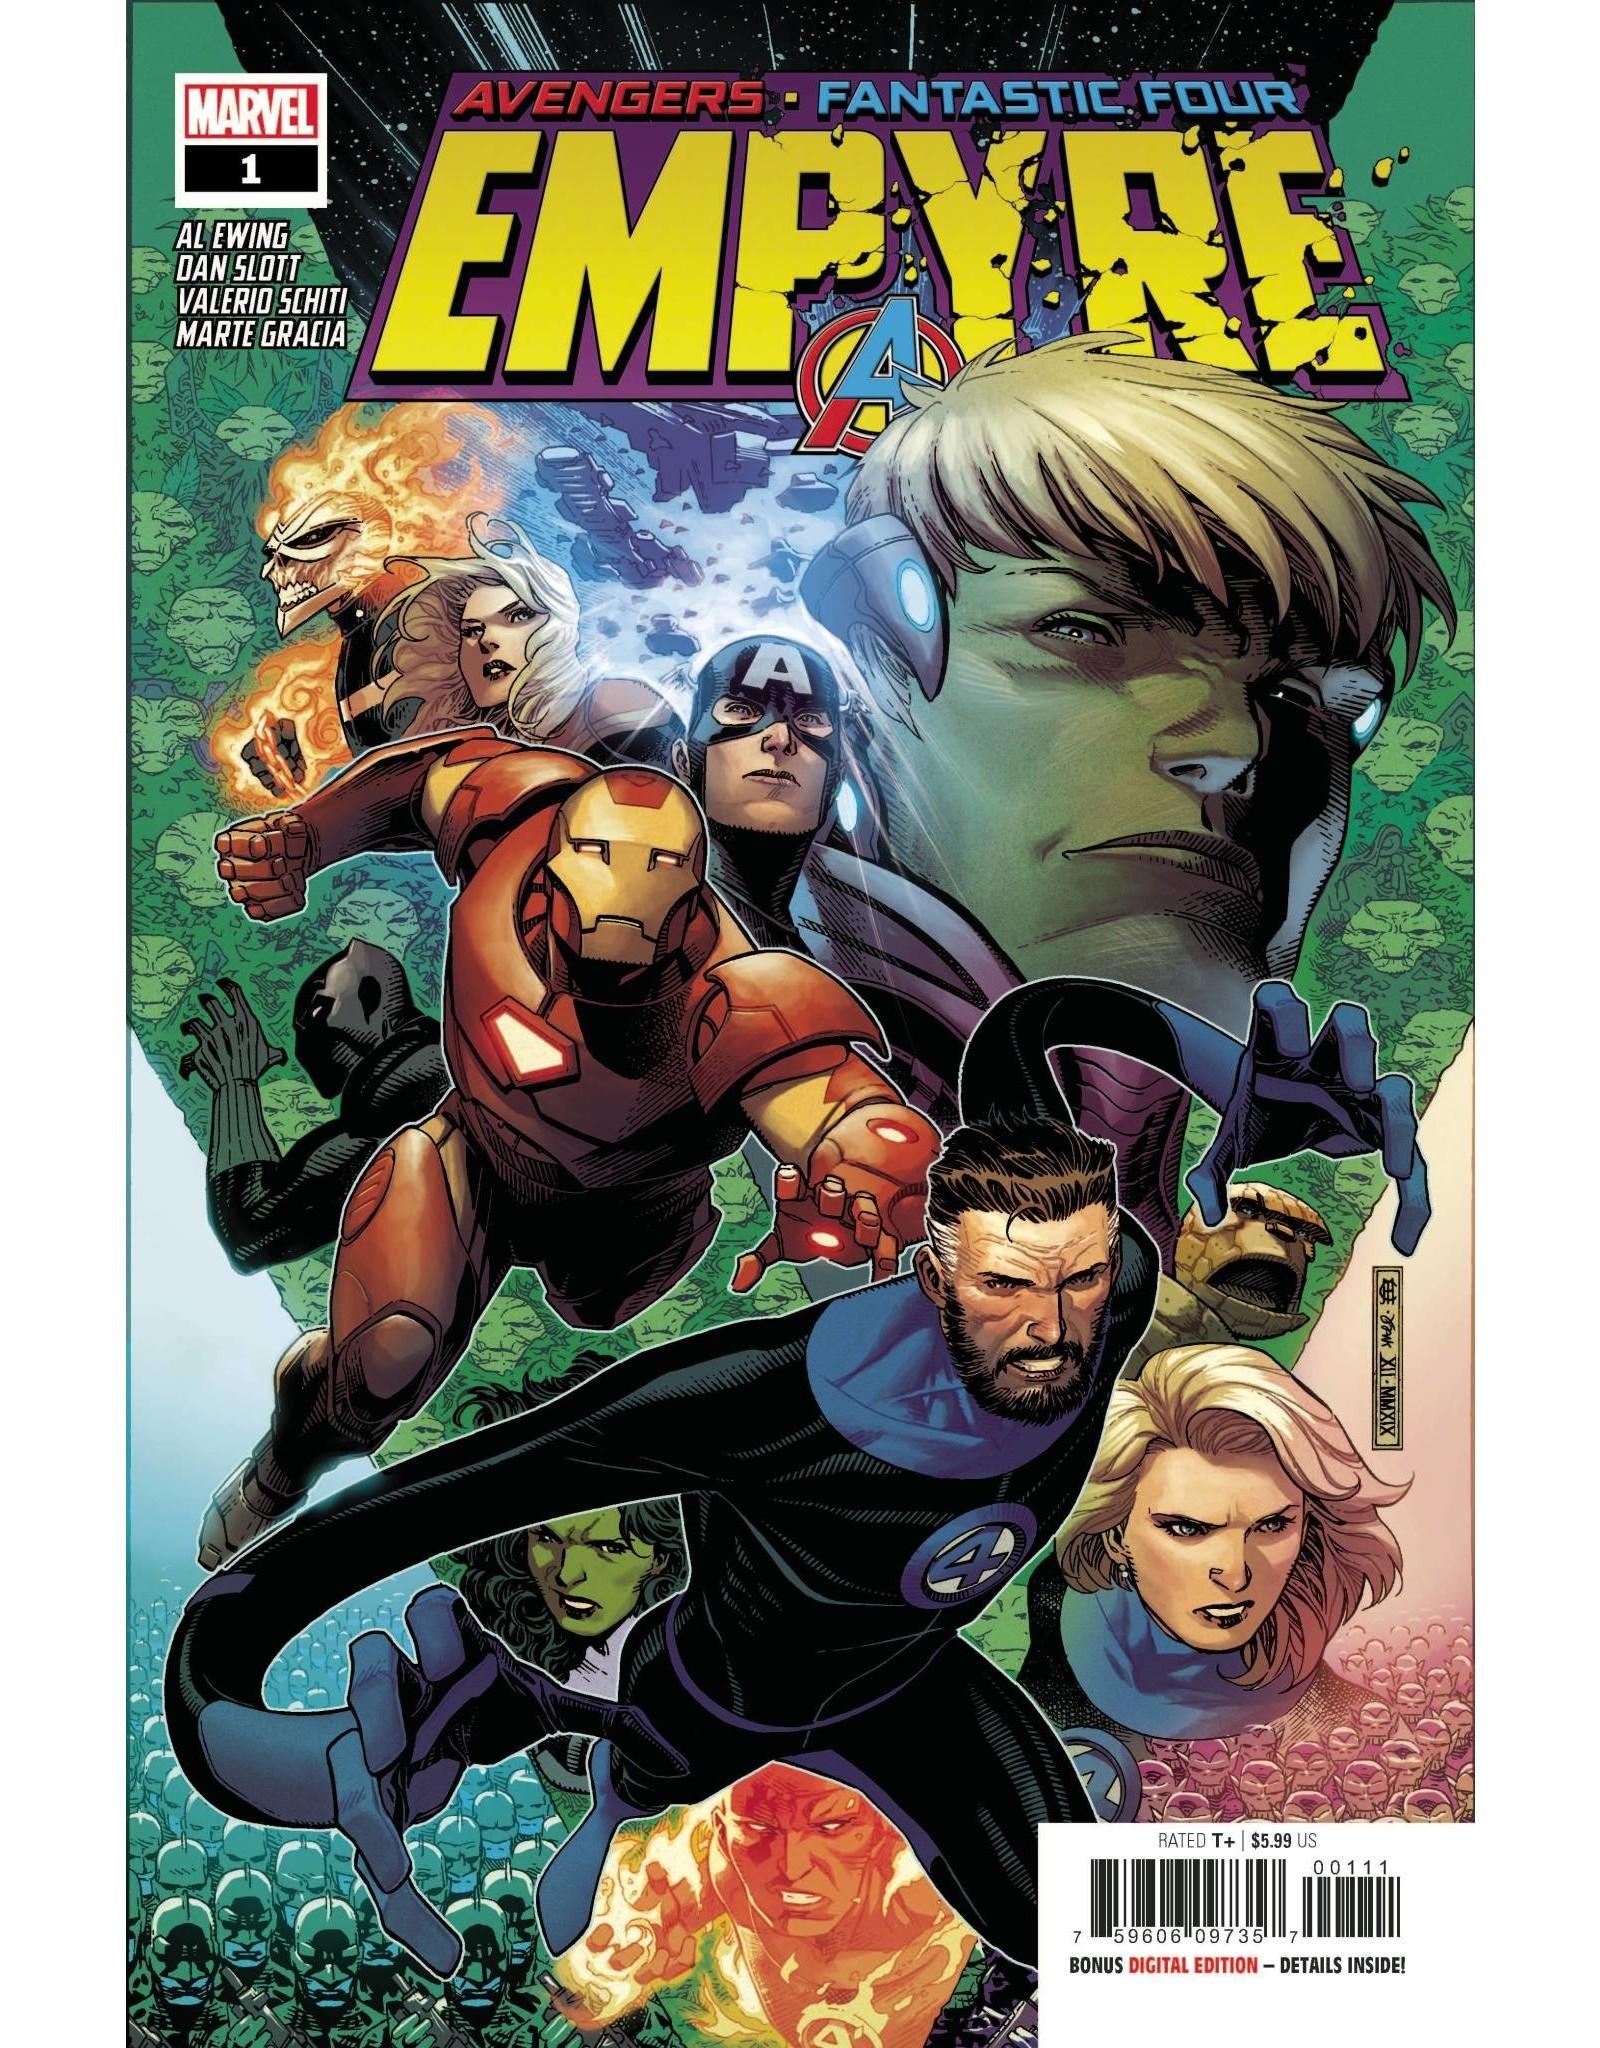 MARVEL COMICS EMPYRE #1 (OF 6)